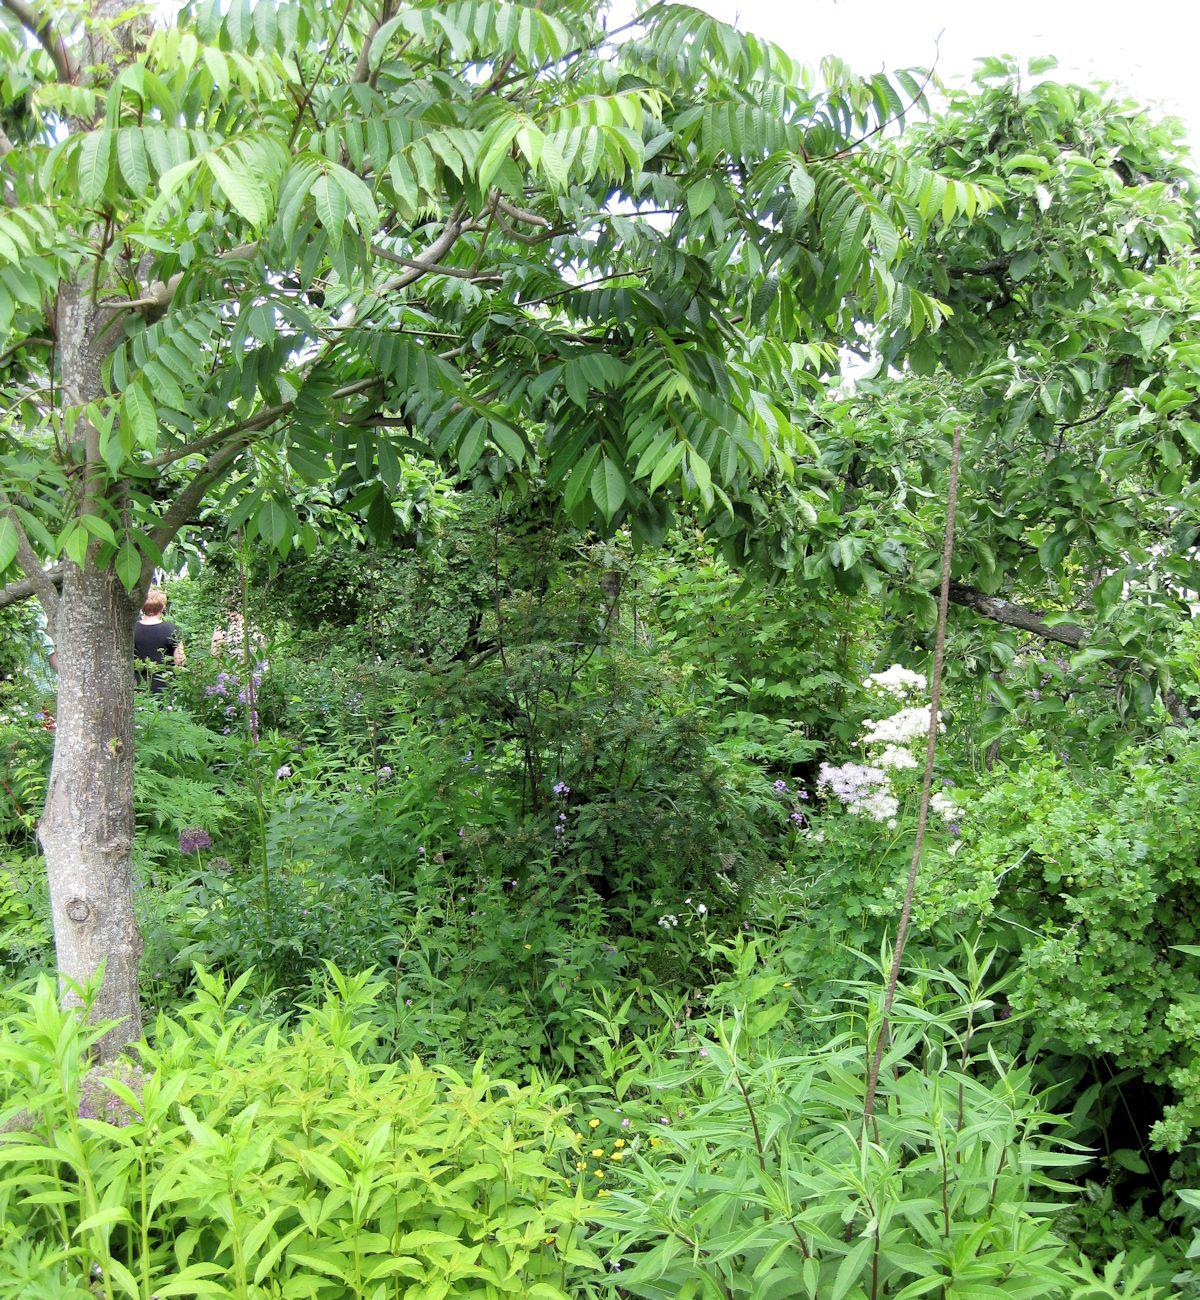 Vihreä ja rehevä puutarha.